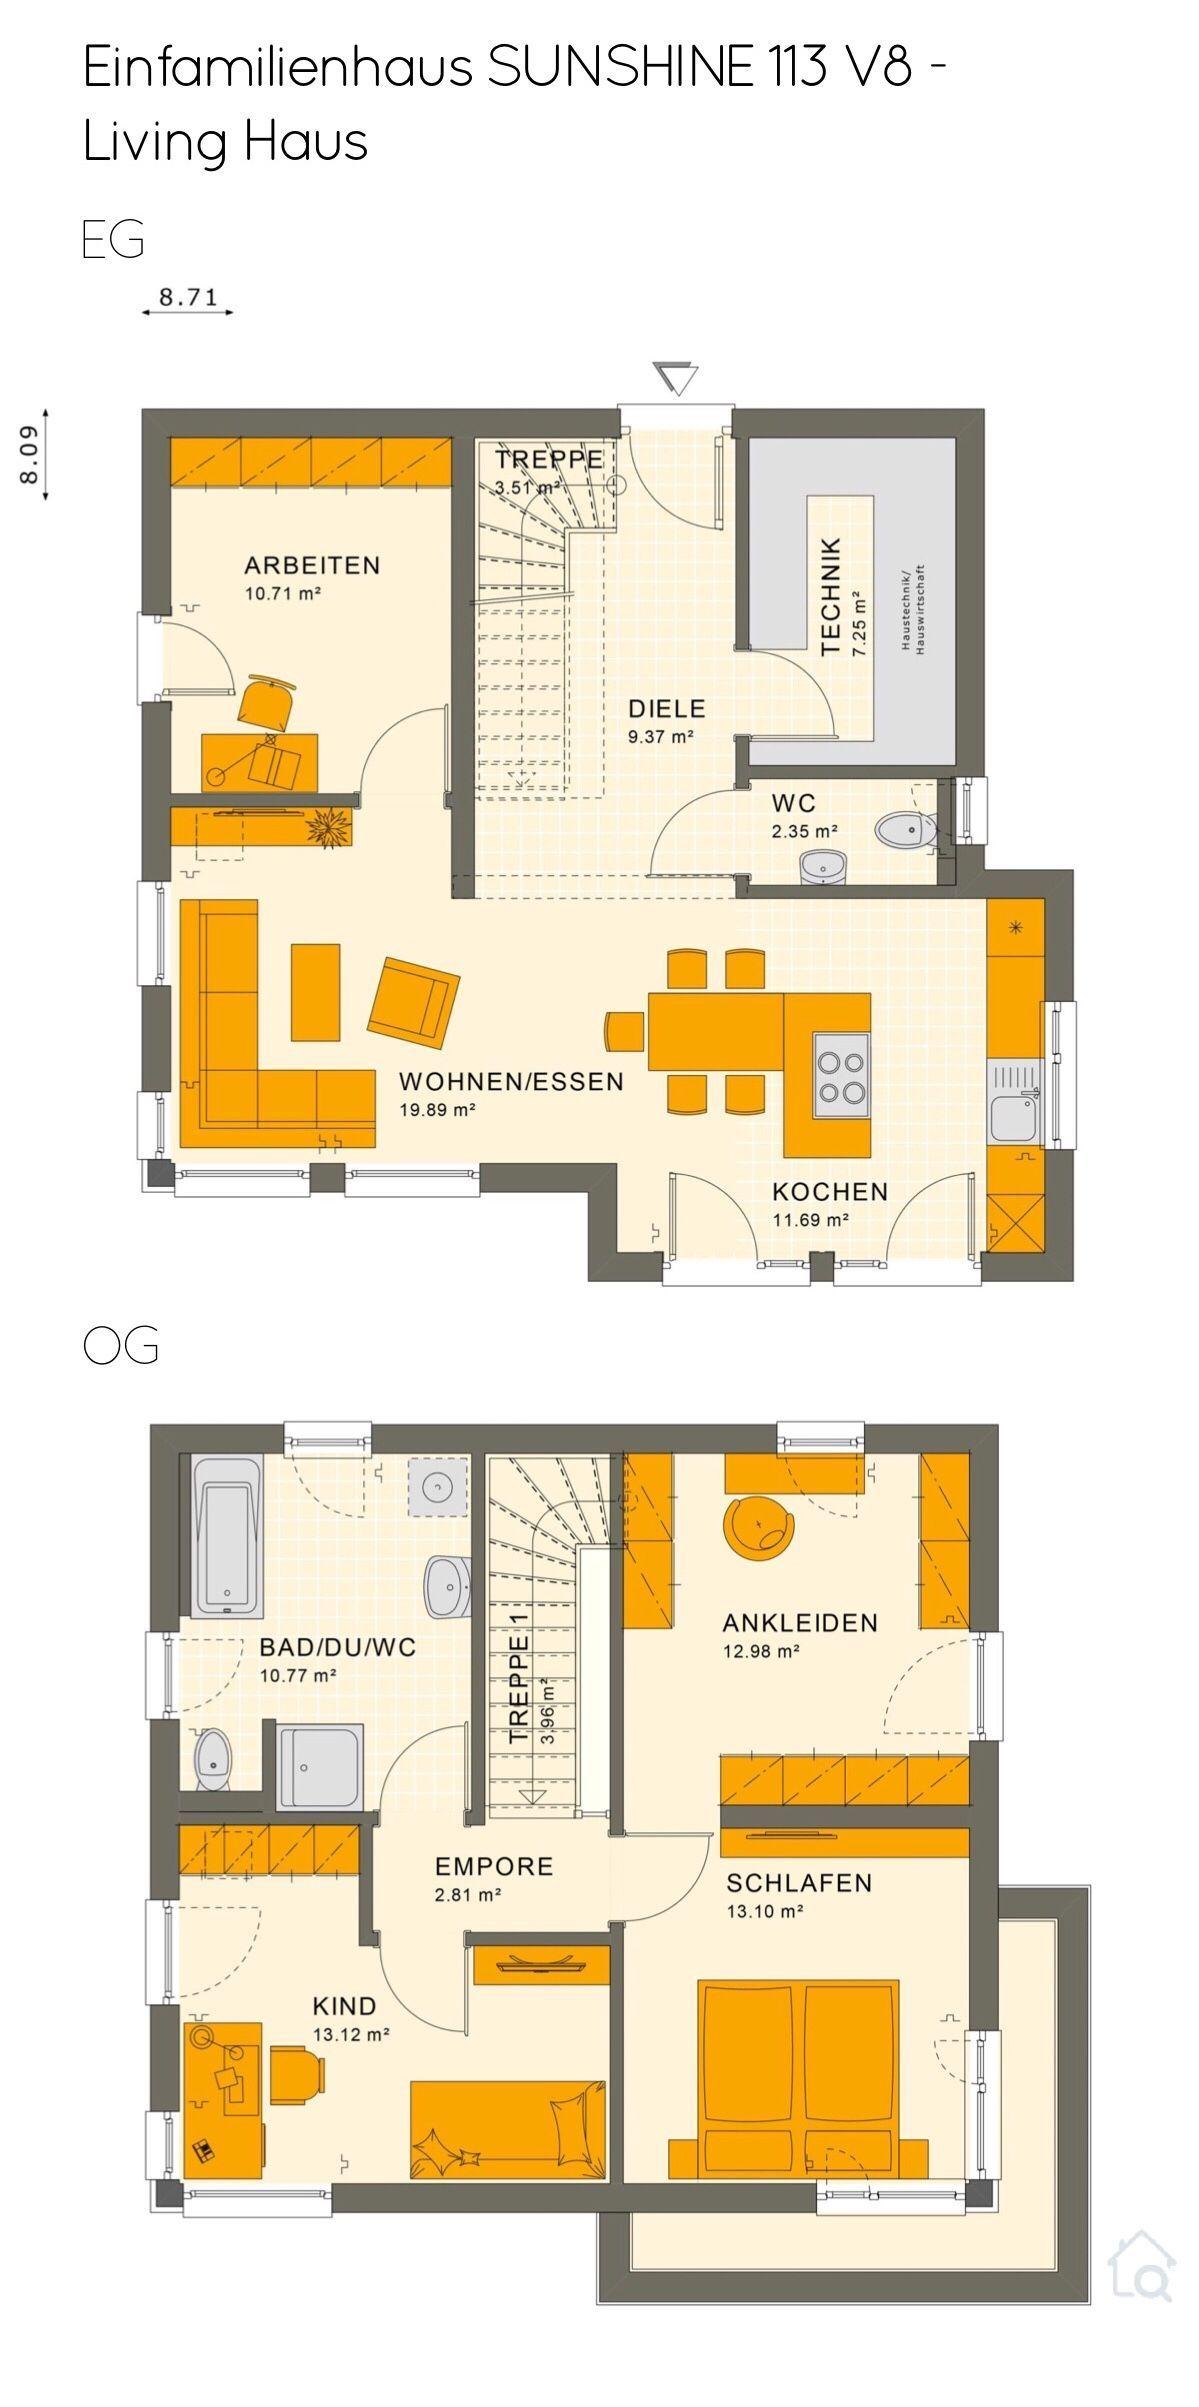 Grundriss Einfamilienhaus Stadtvilla mit Flachdach